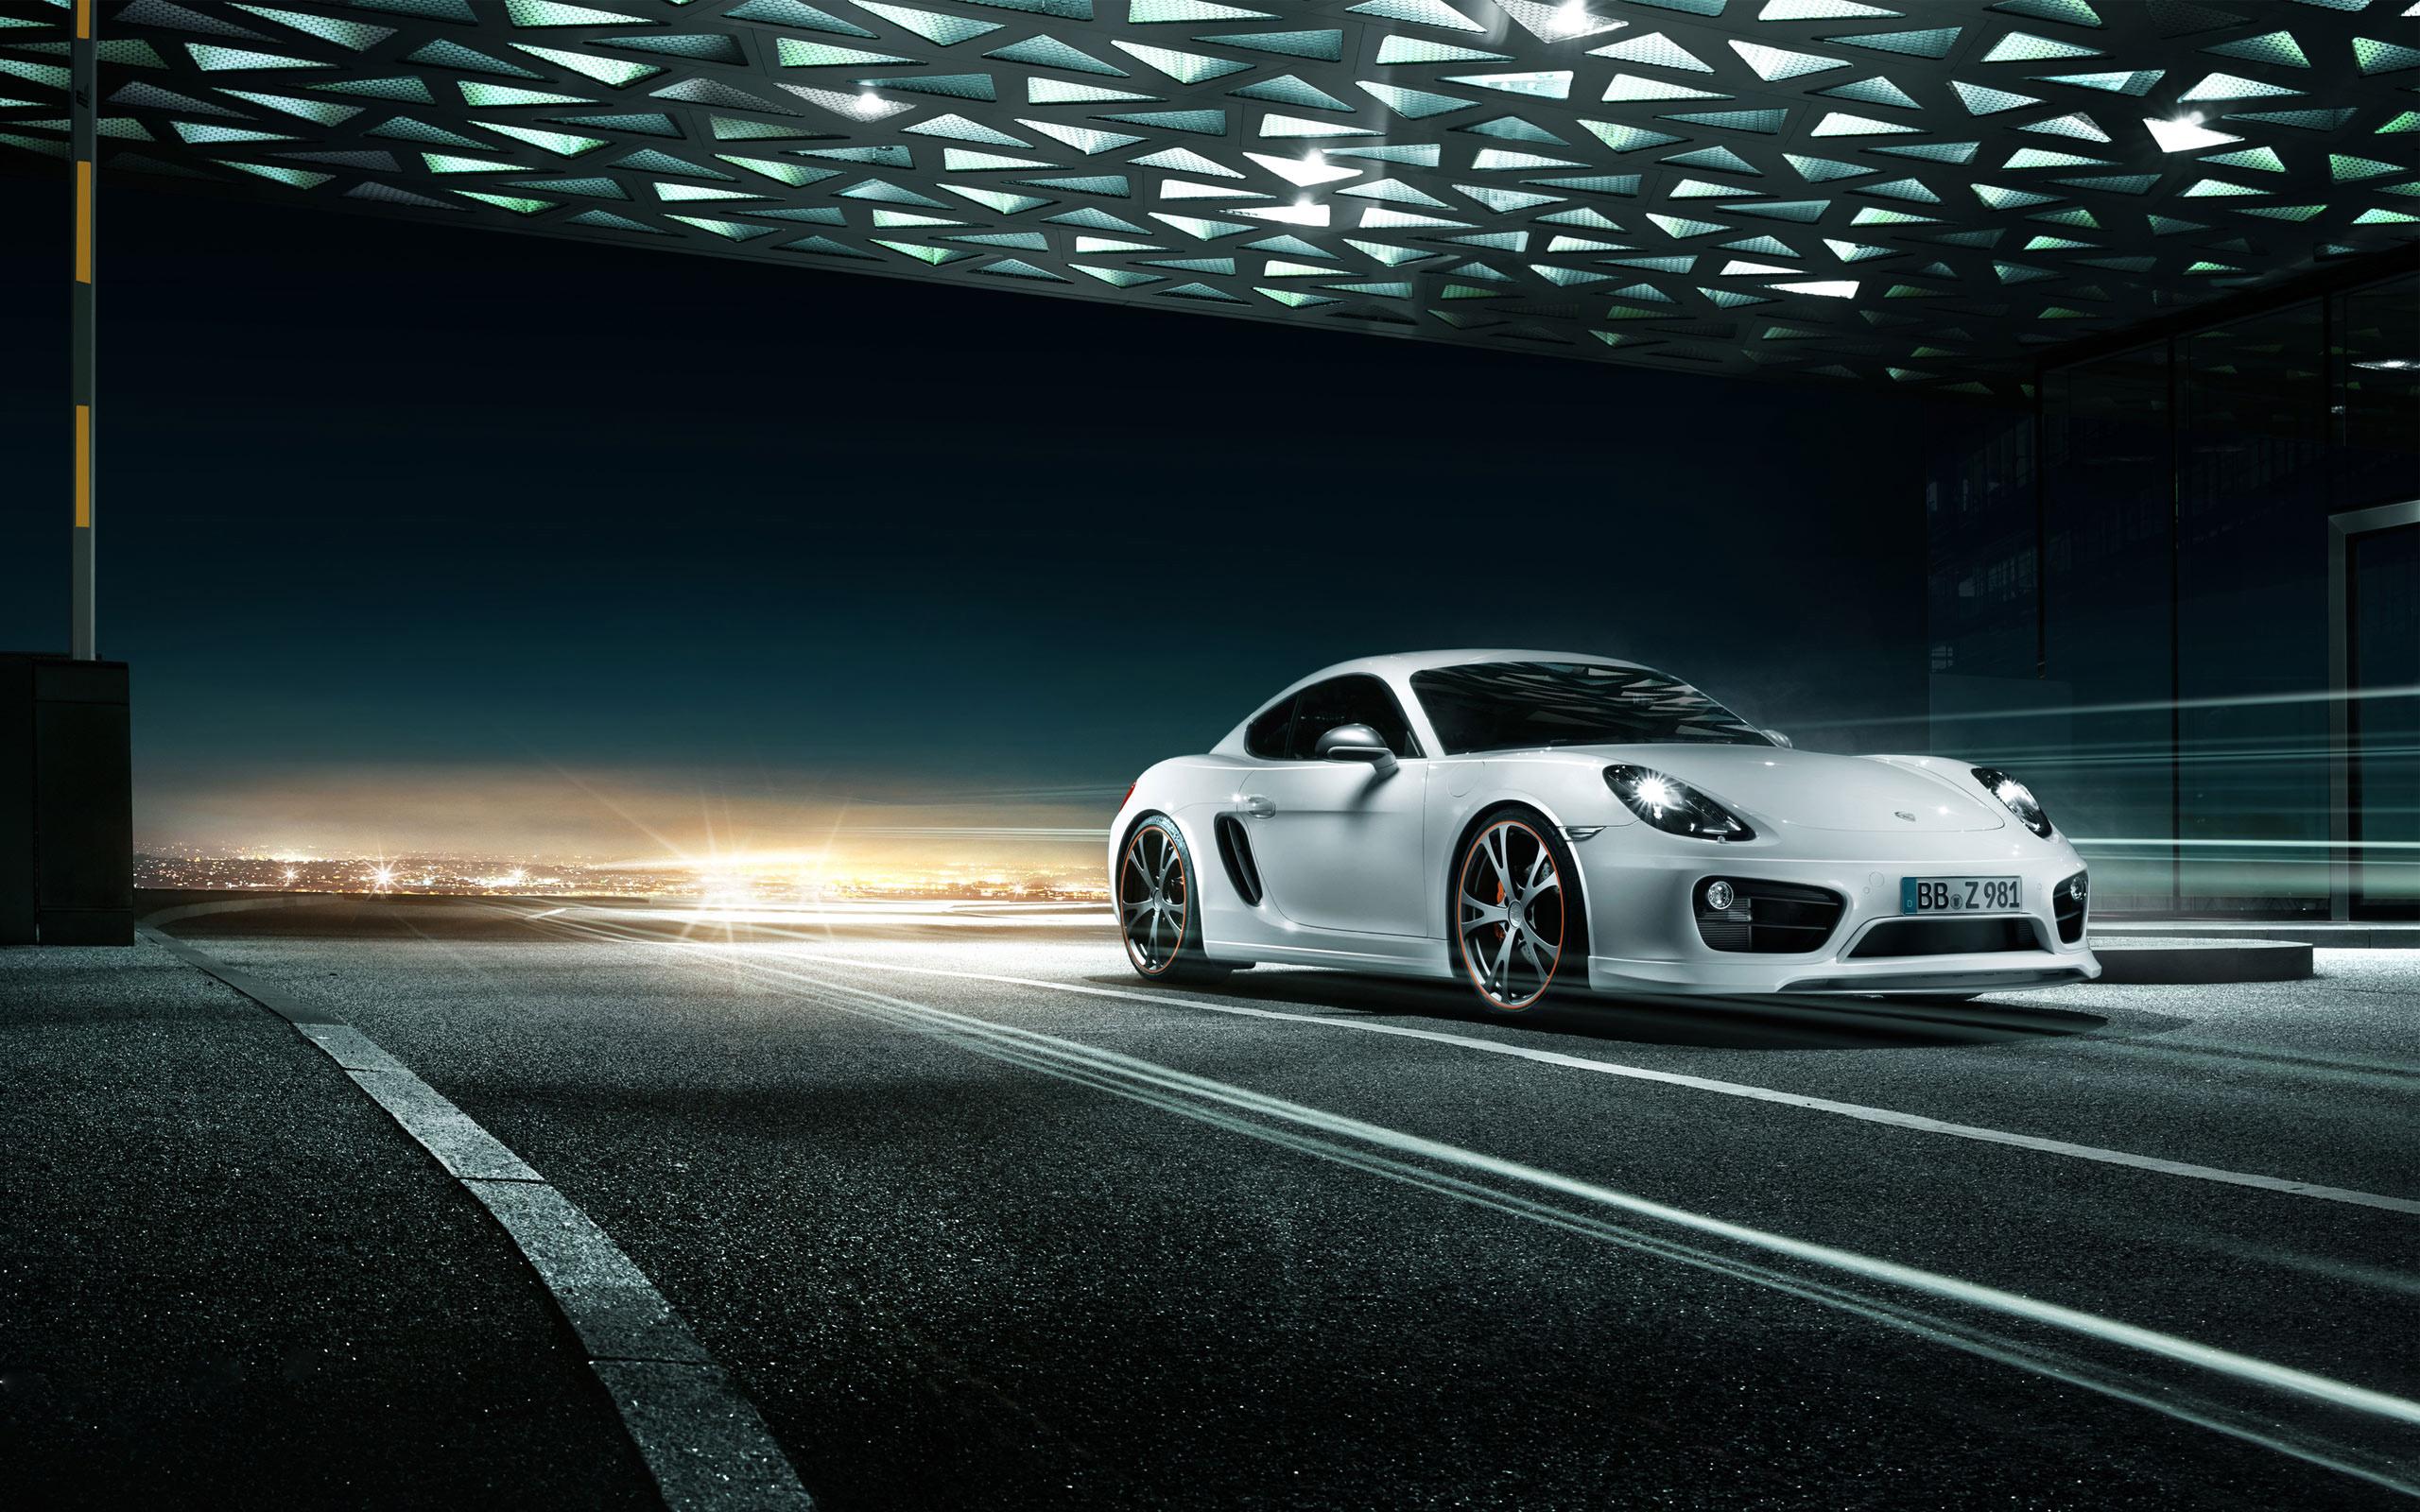 2013 Porsche Cayman By Techart Wallpaper Hd Car Wallpapers Id 3440